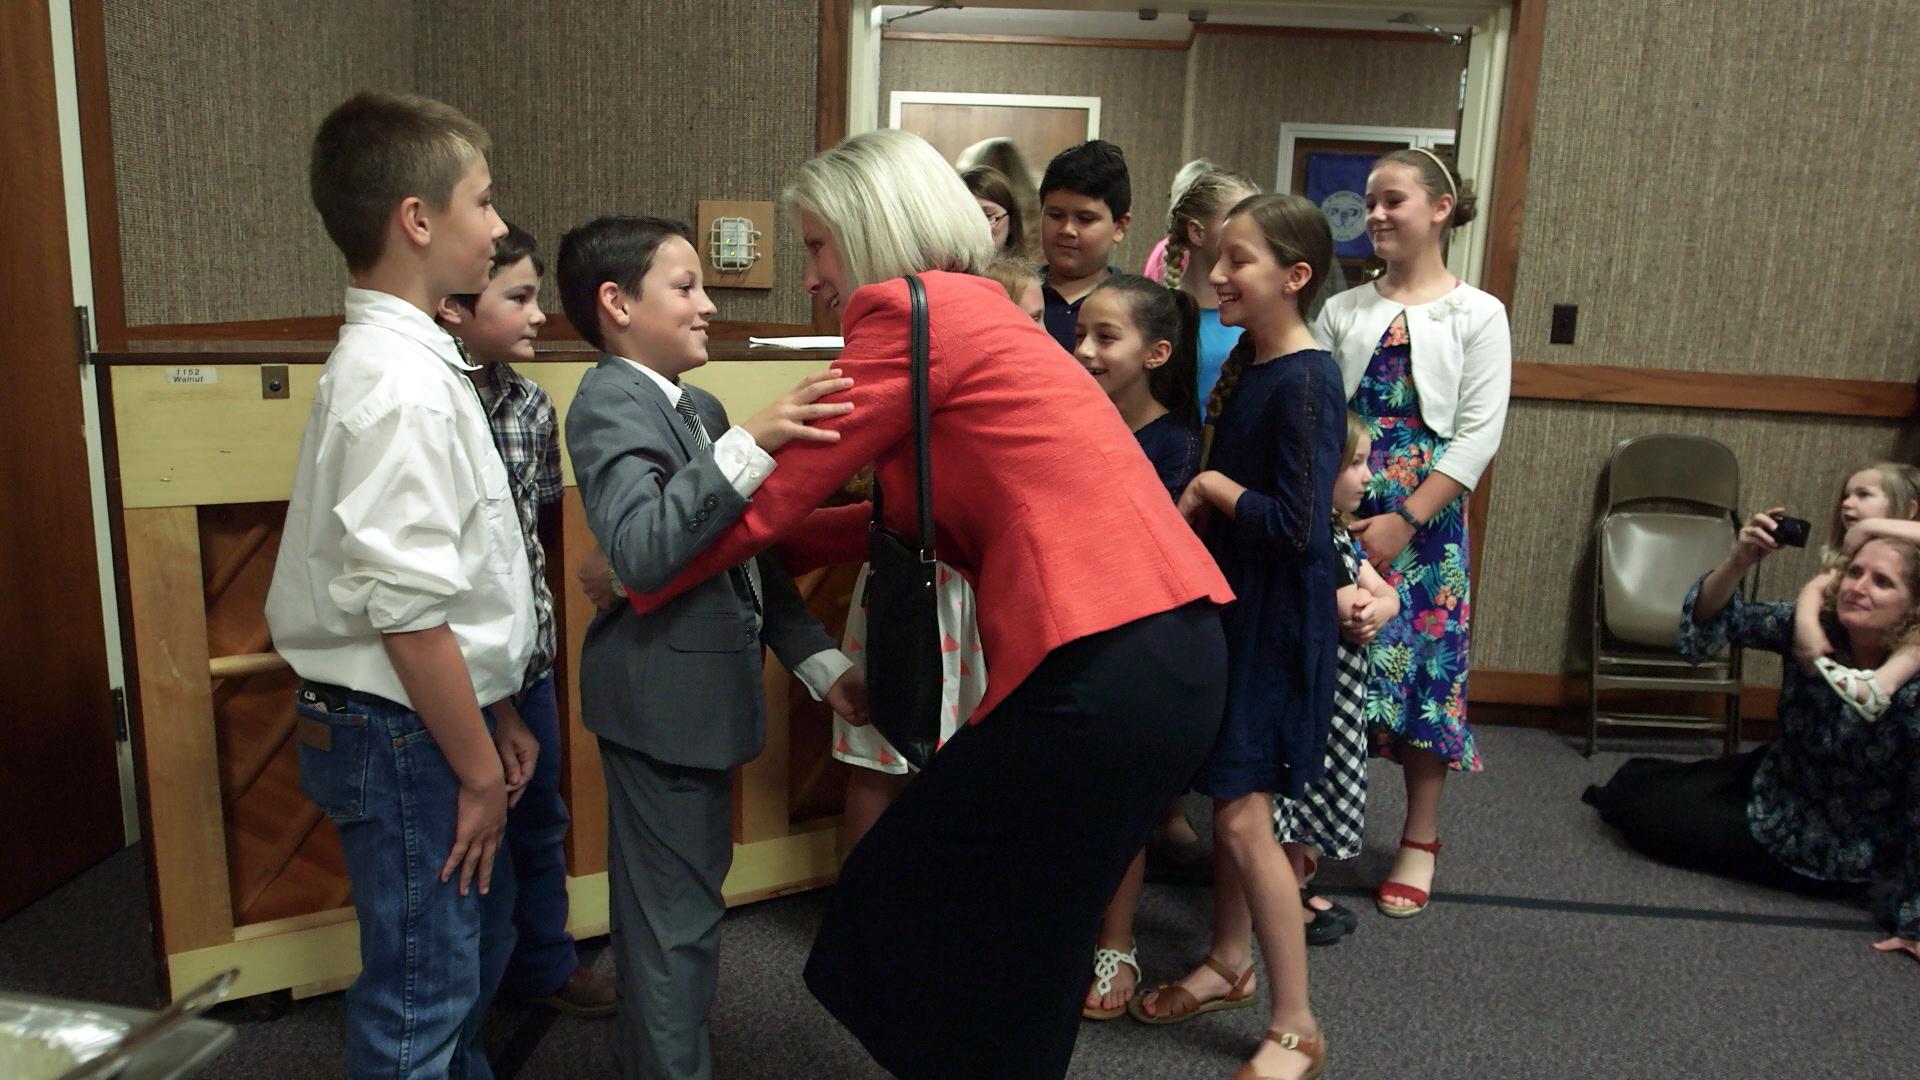 La hermana Joy D. Jones, presidenta general de la Primaria, conoce a niños de la Primaria en Loma Rica, California, después de una reunión sacramental especial para los sobrevivientes del incendio, 29 de octubre de 2017.